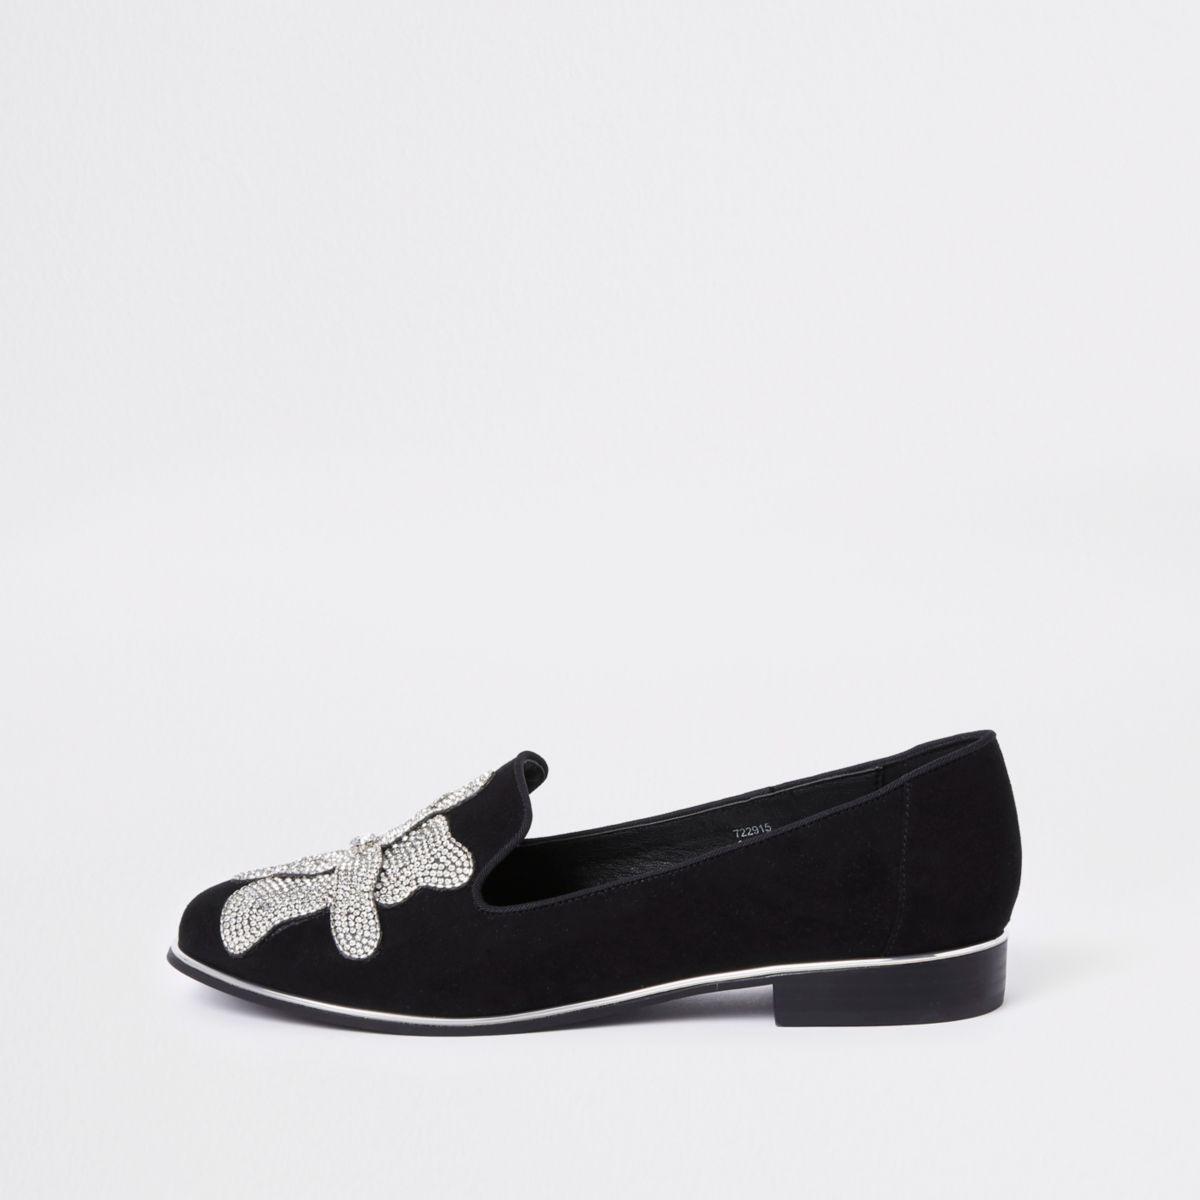 Black floral rhinestone embellished loafers